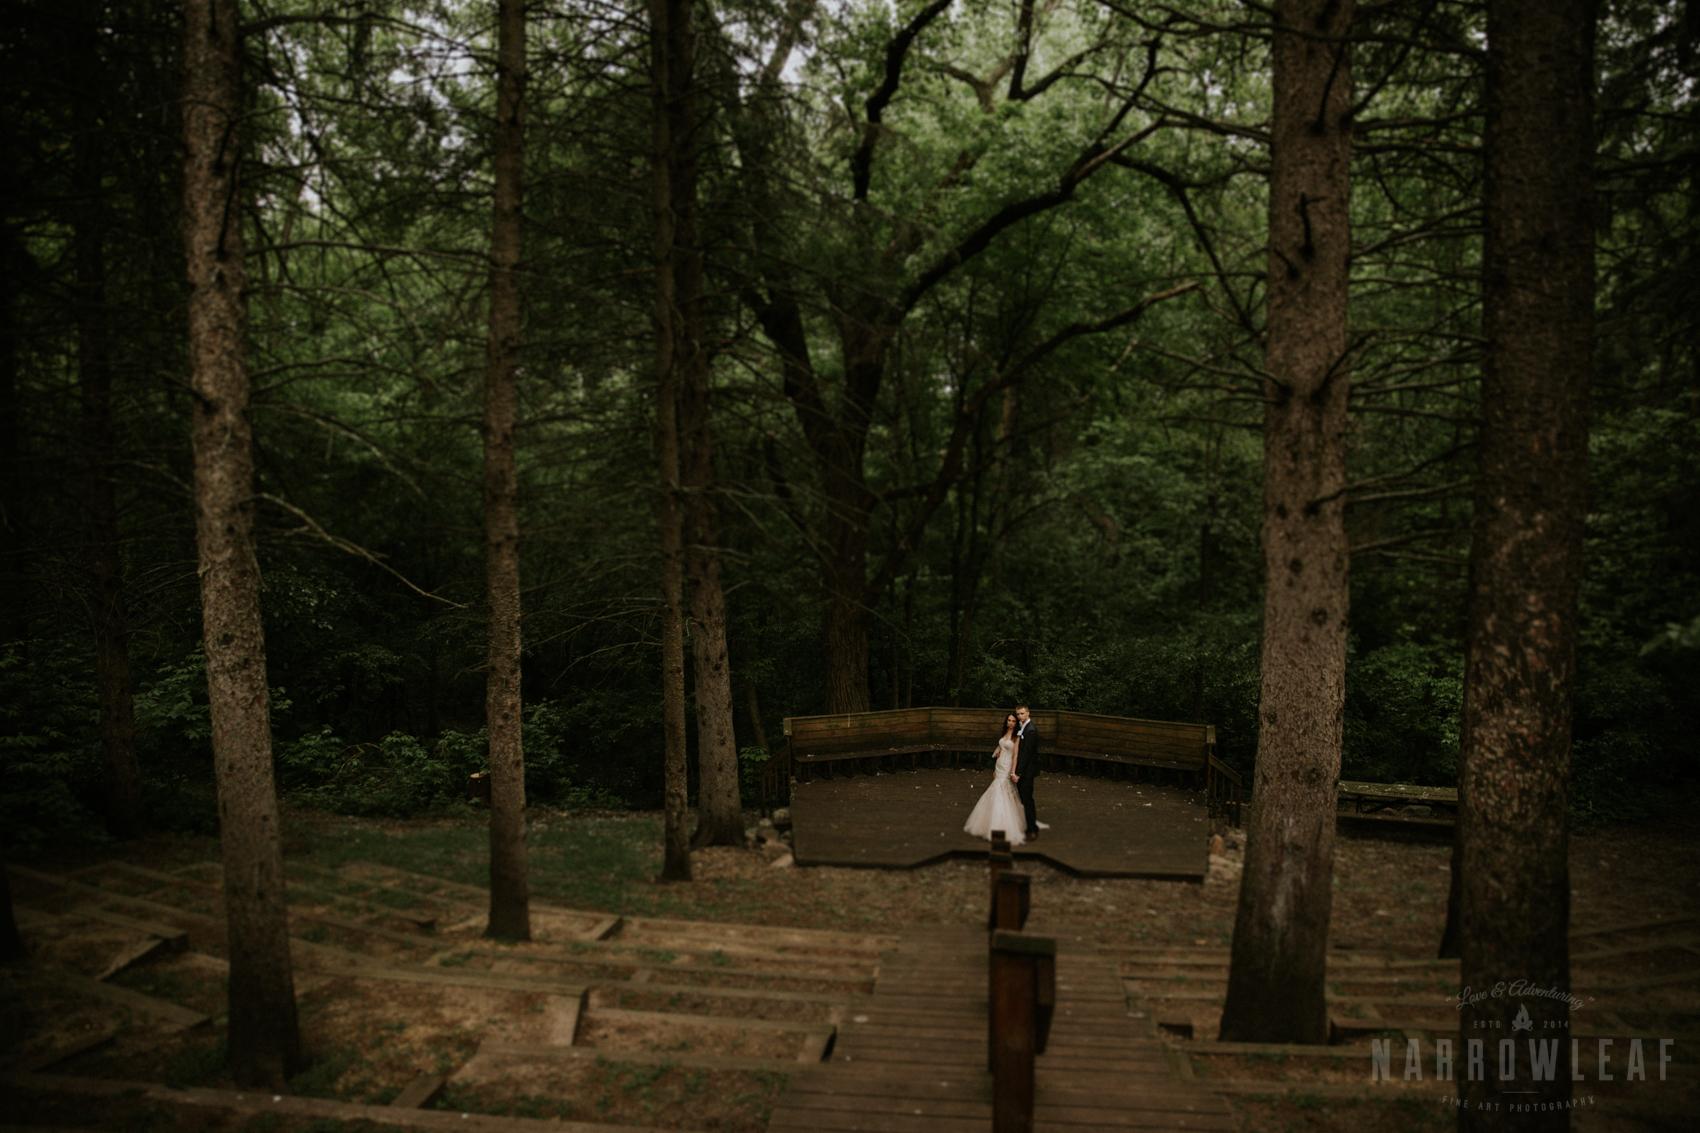 bride-groom-wooded-adventure-portraits-mermaid-dress-304.jpg